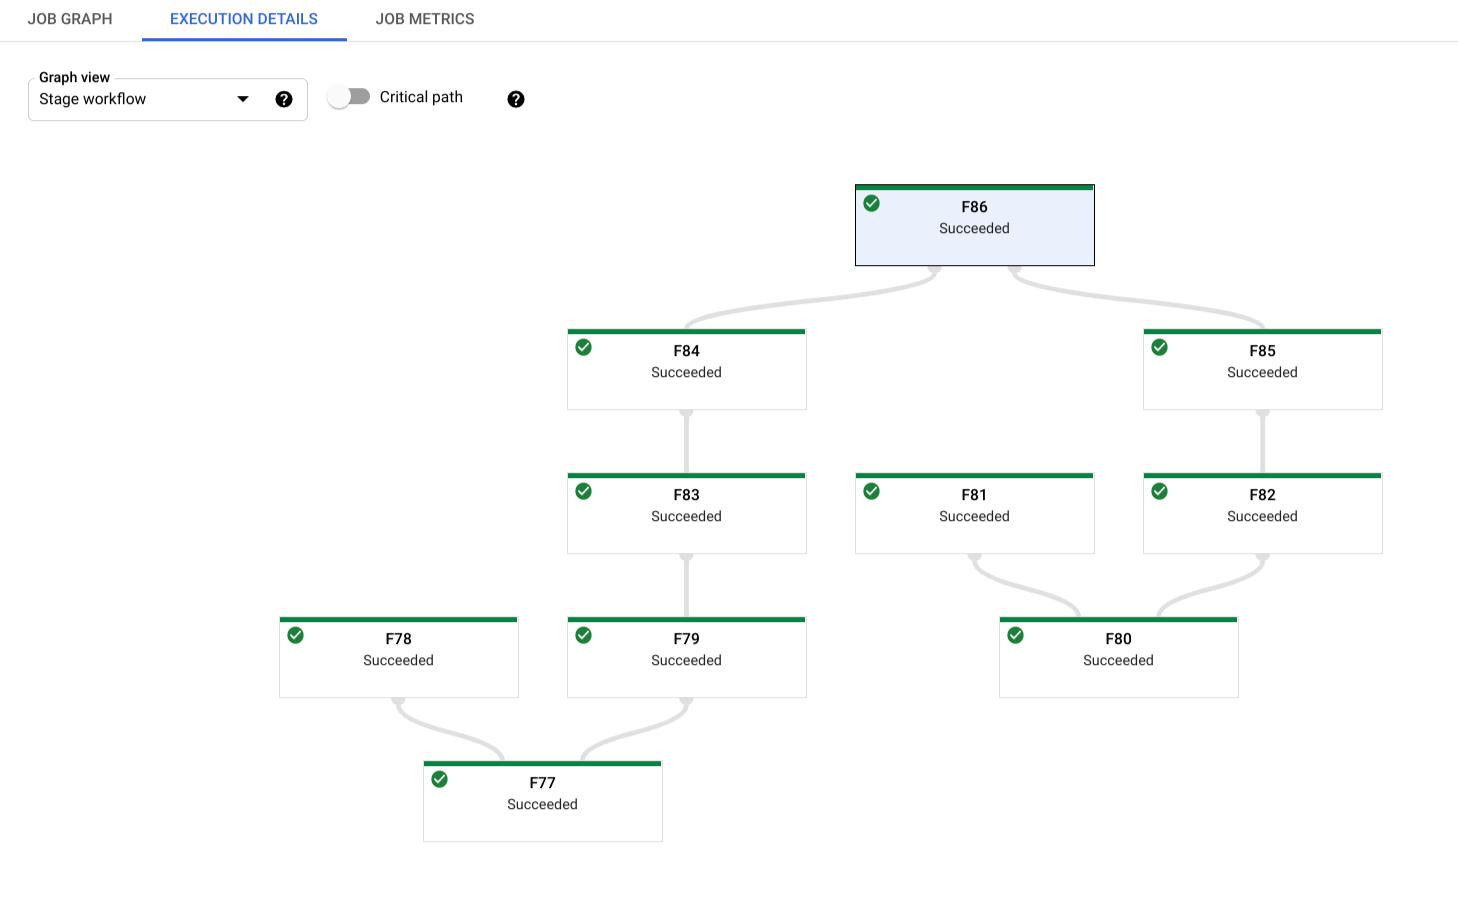 Ejemplo de la vista de flujo de trabajo por etapas que muestra la jerarquía de las diferentes etapas de ejecución de un trabajo.